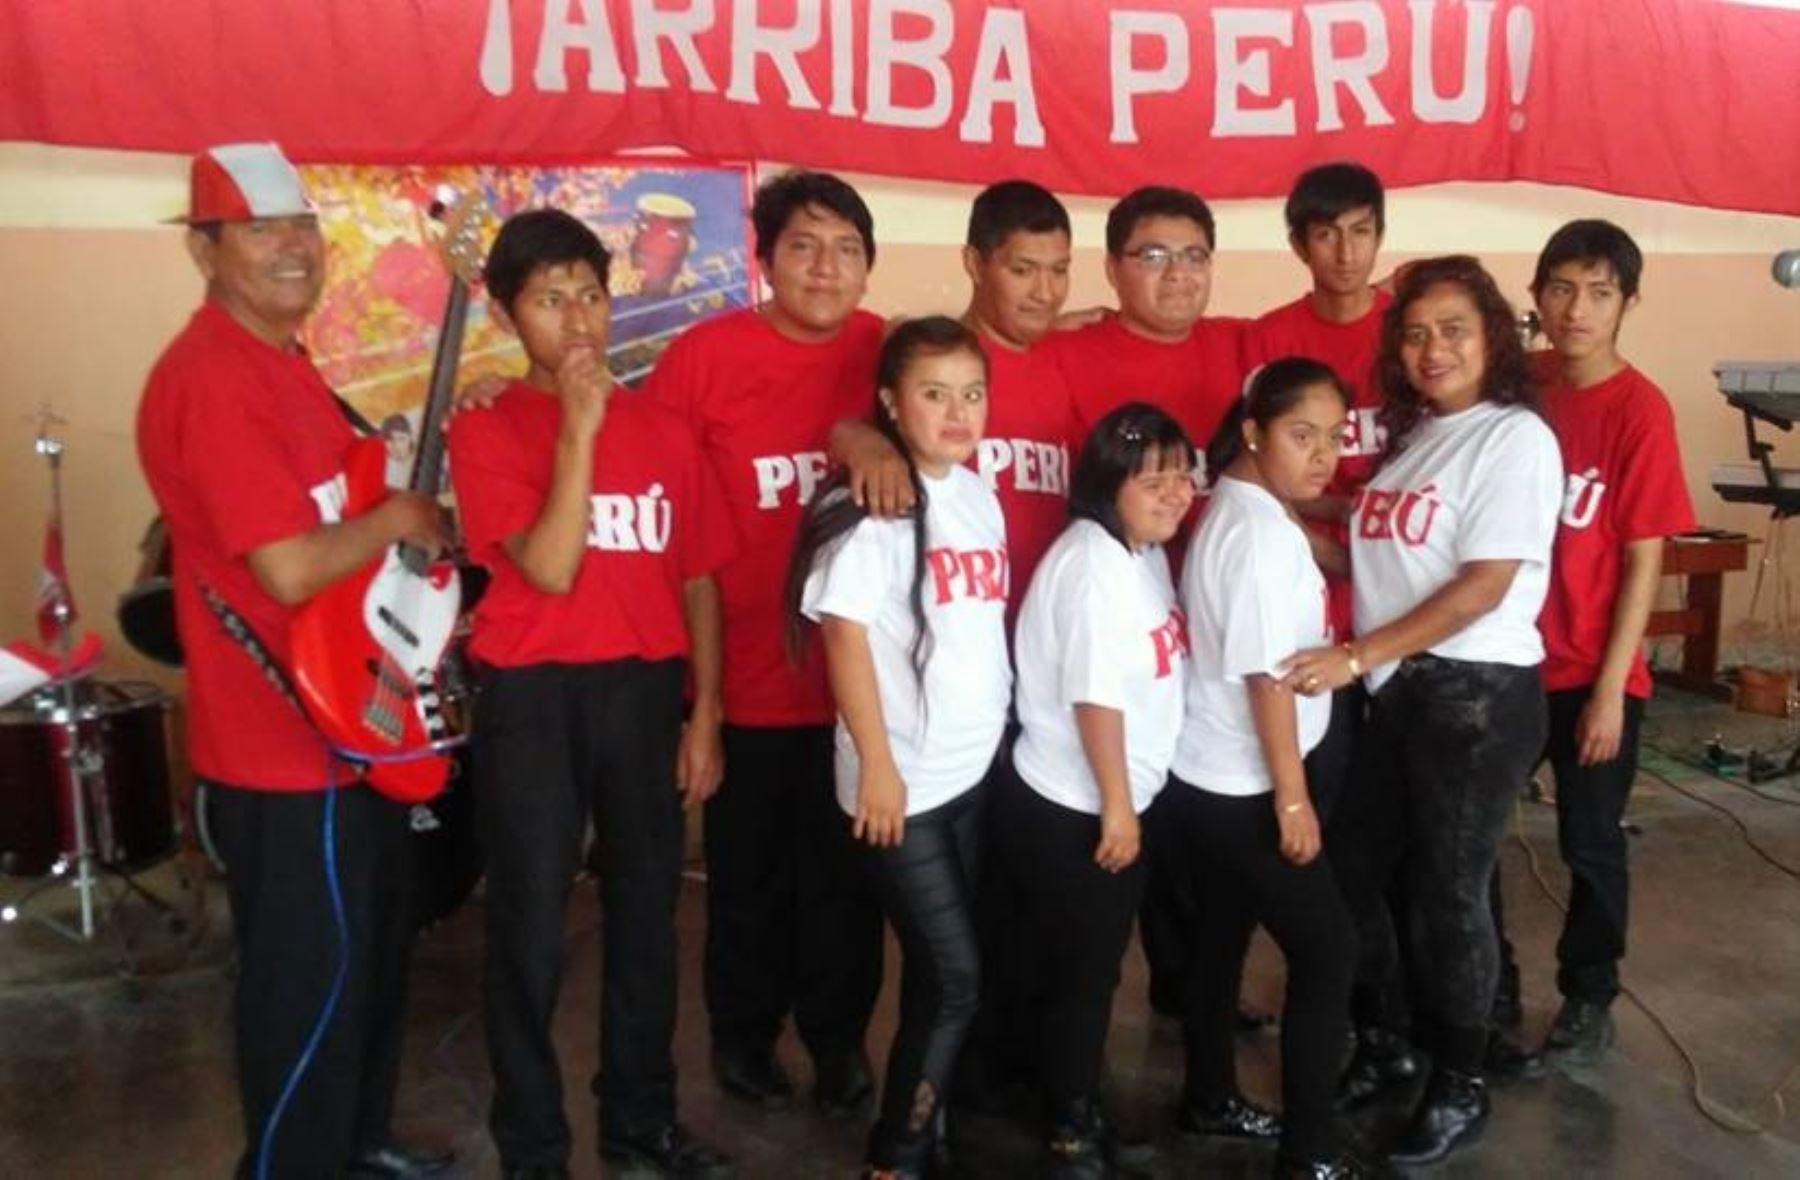 Niños con habilidades especiales de Chimbote componen canción para la selección peruana. ANDINA